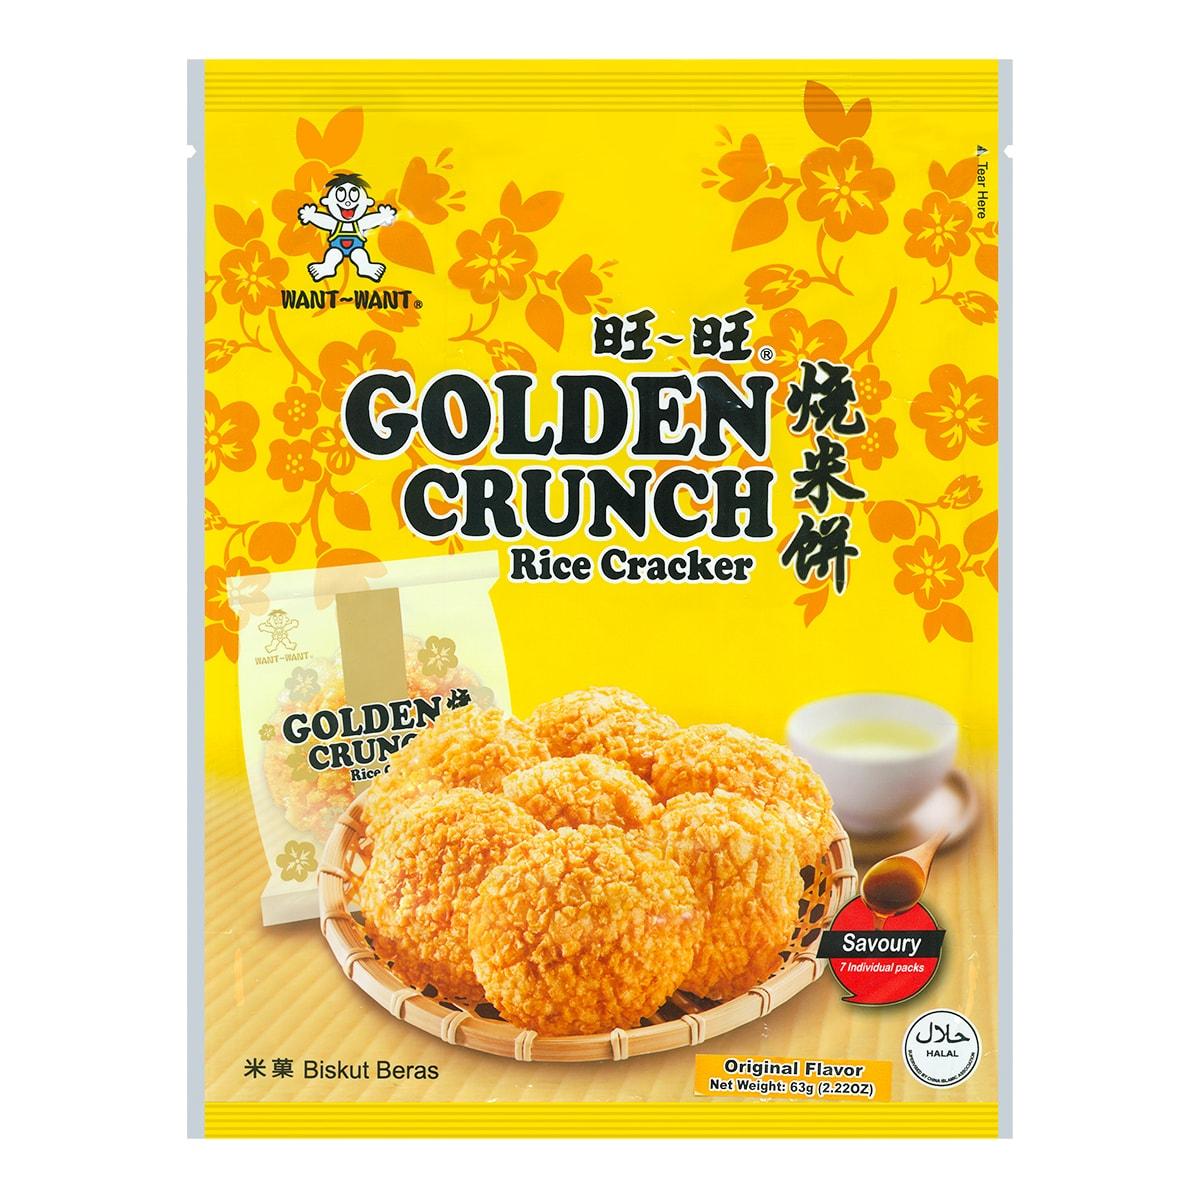 WANT WANT Golden Crunch Rice Cracker 63g